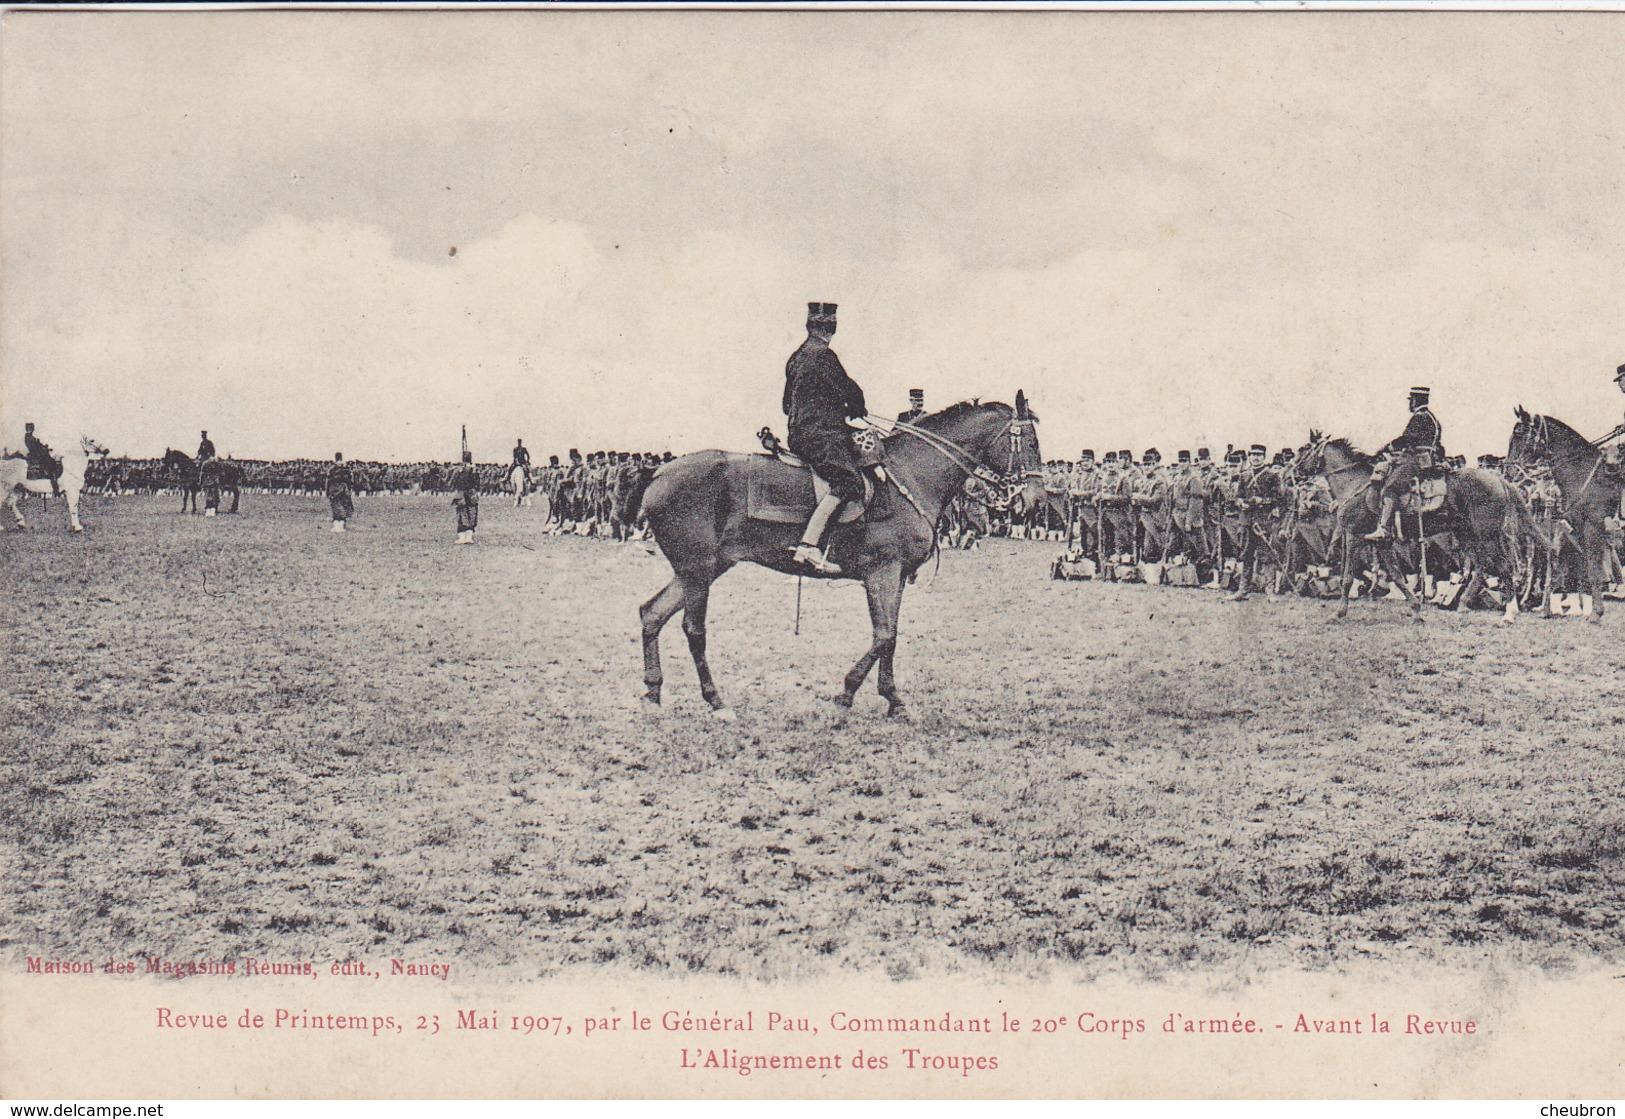 MILITARIA. MANOEUVRES. CPA. REVUE DE PRINTEMPS 23 MAI 1907 PAR LE GÉNÉRAL PAU. 20 ème CORPS D'ARMEE; - Manovre